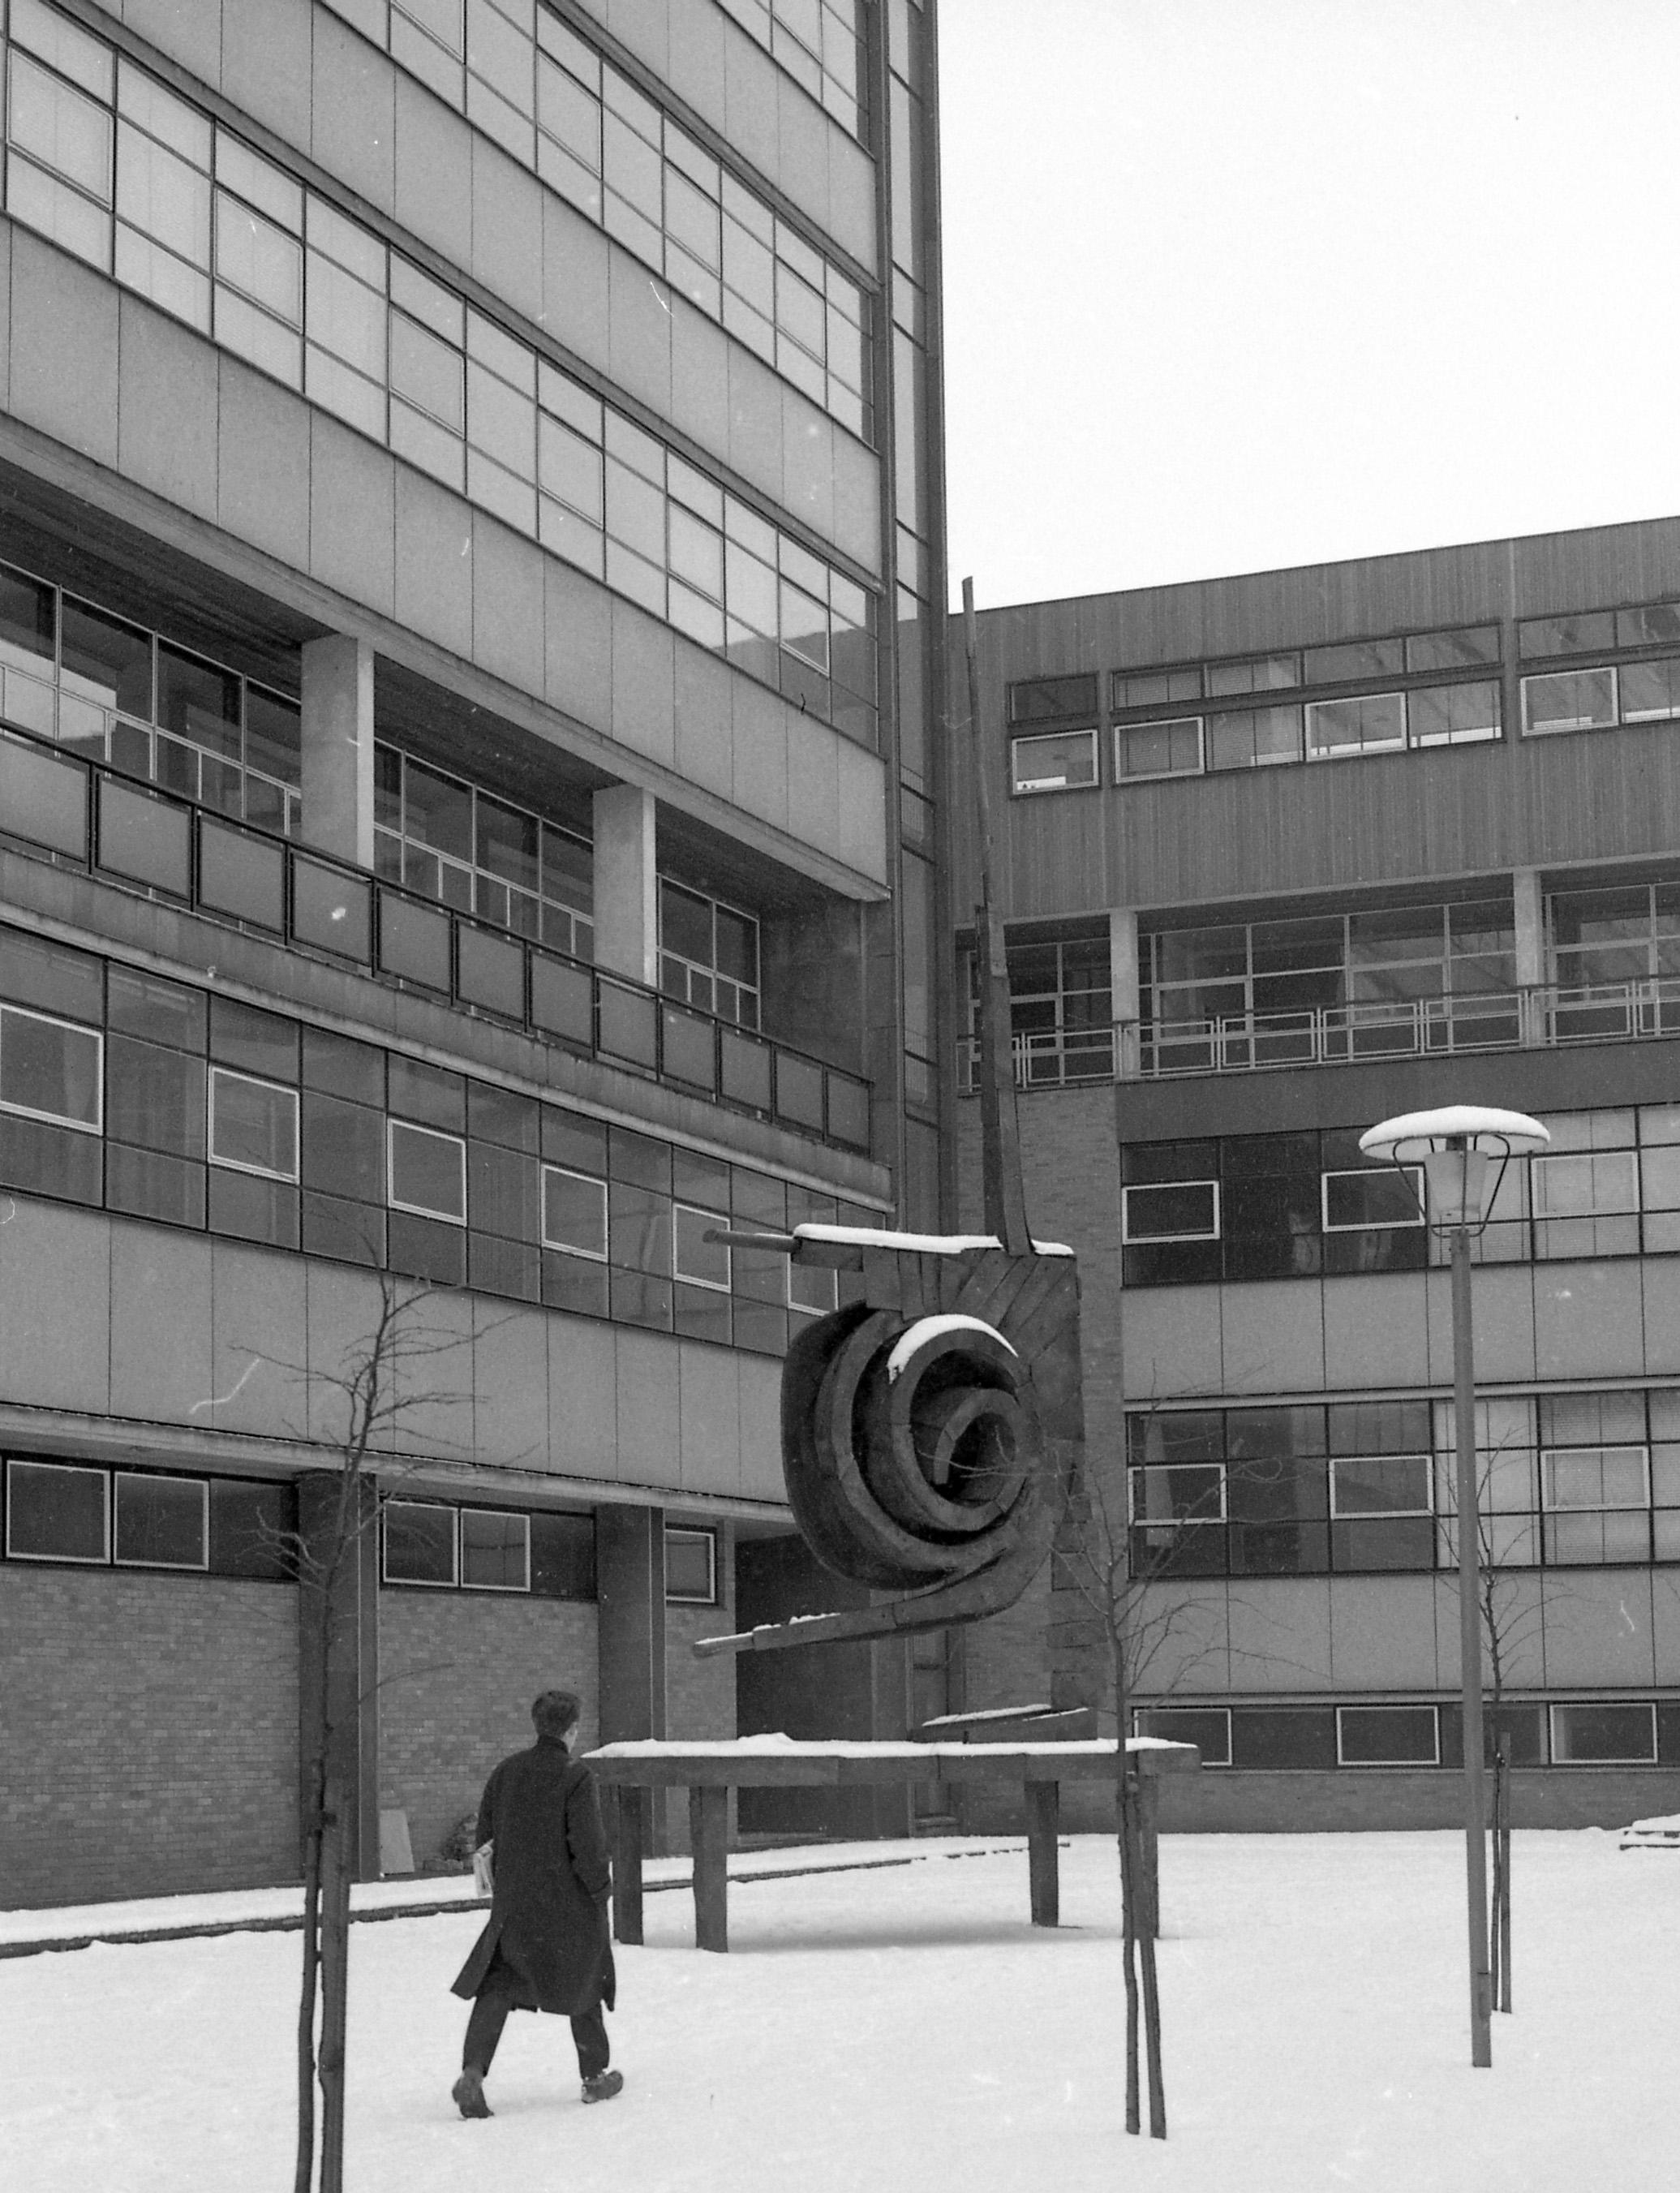 Photograph of Herschel Building and Spiral Nebula sculpture